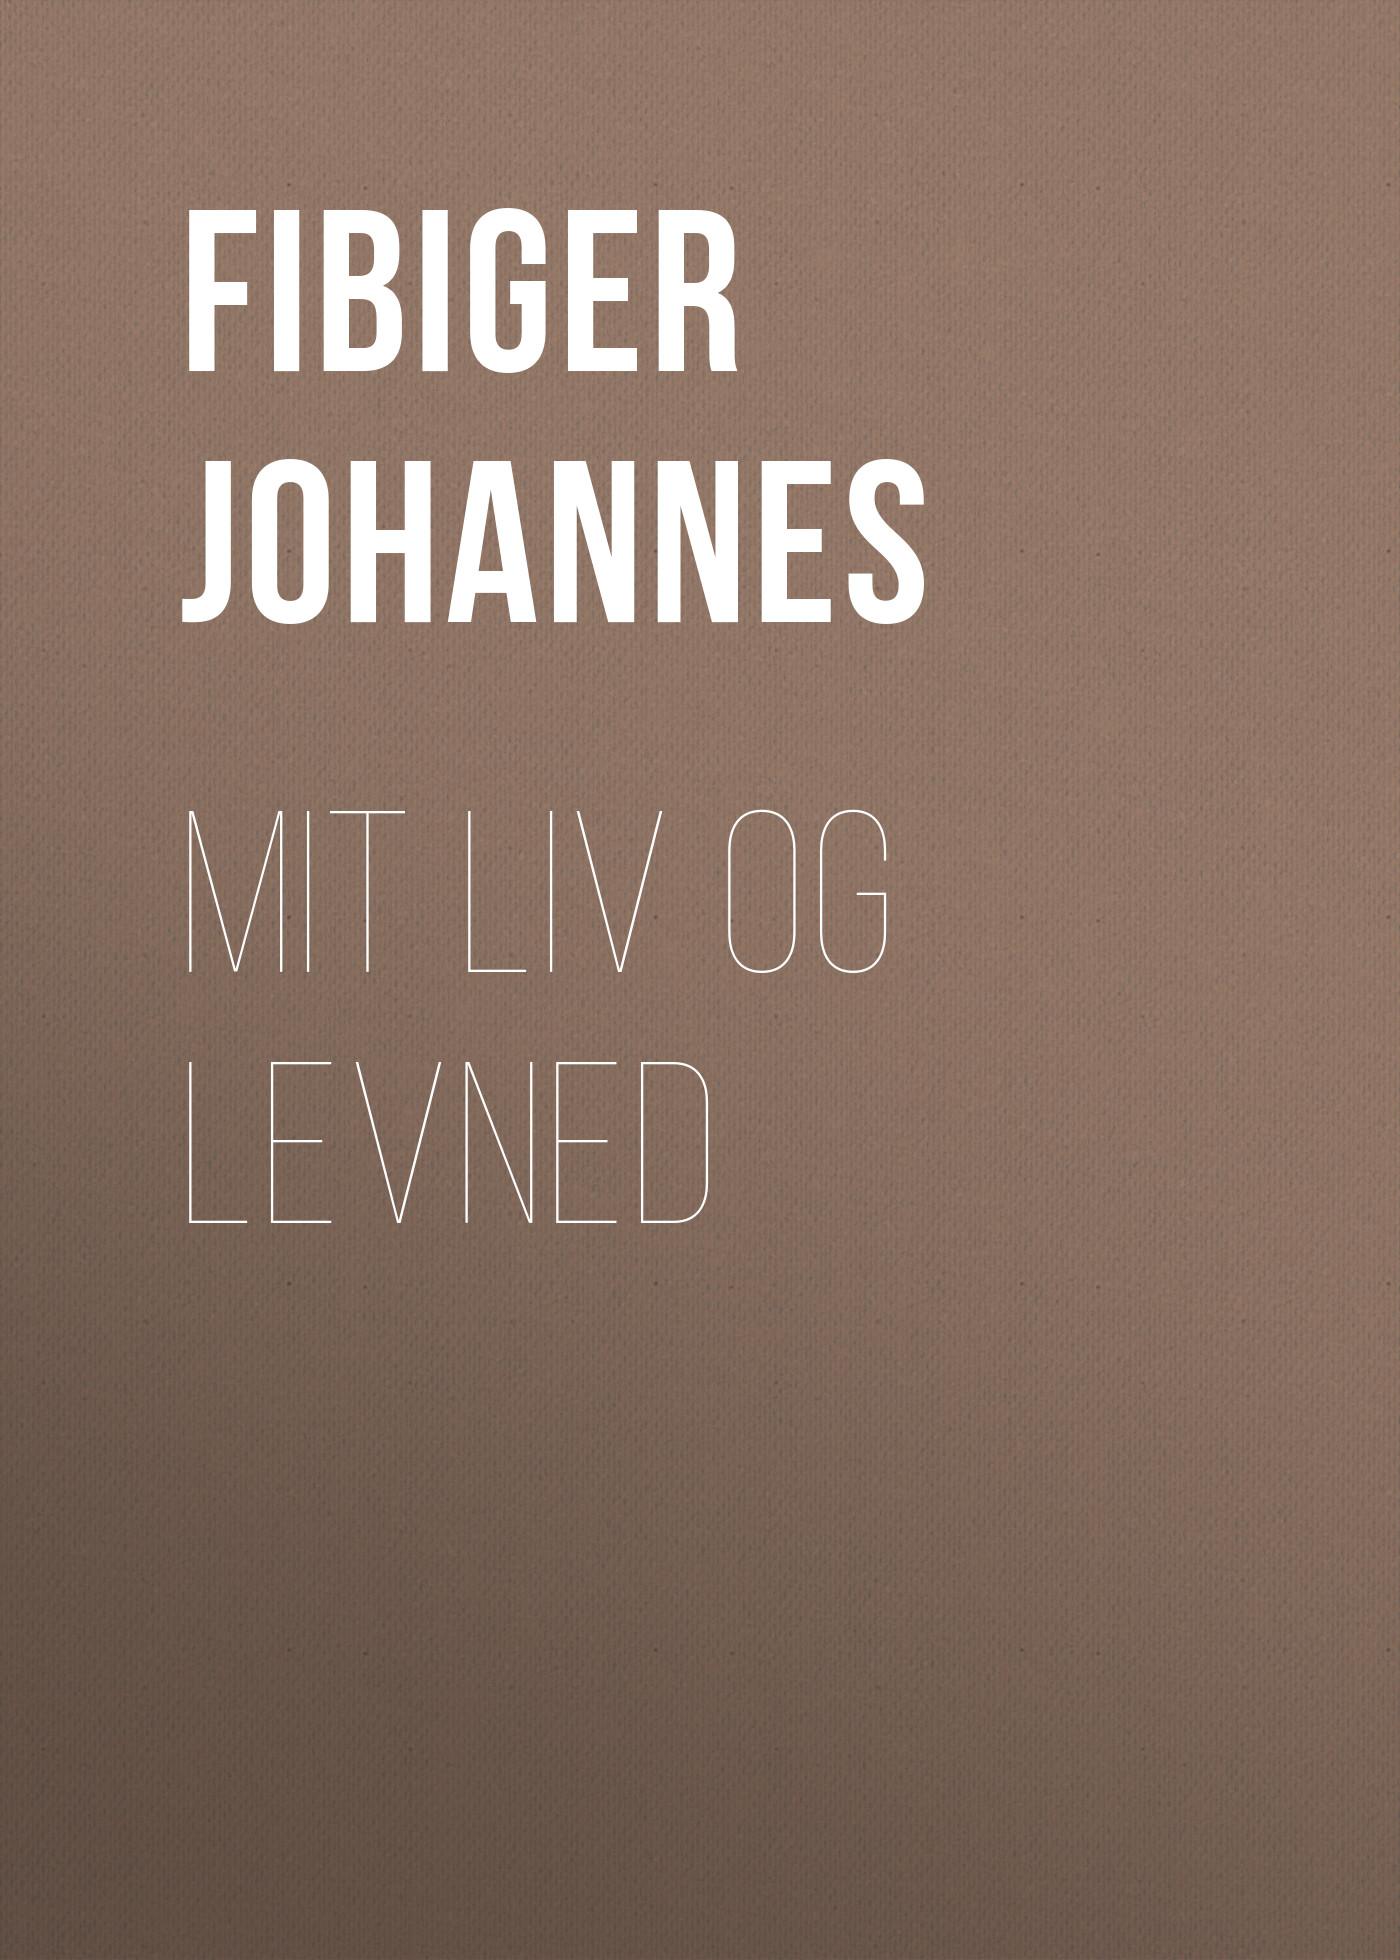 Fibiger Johannes Mit og Levned